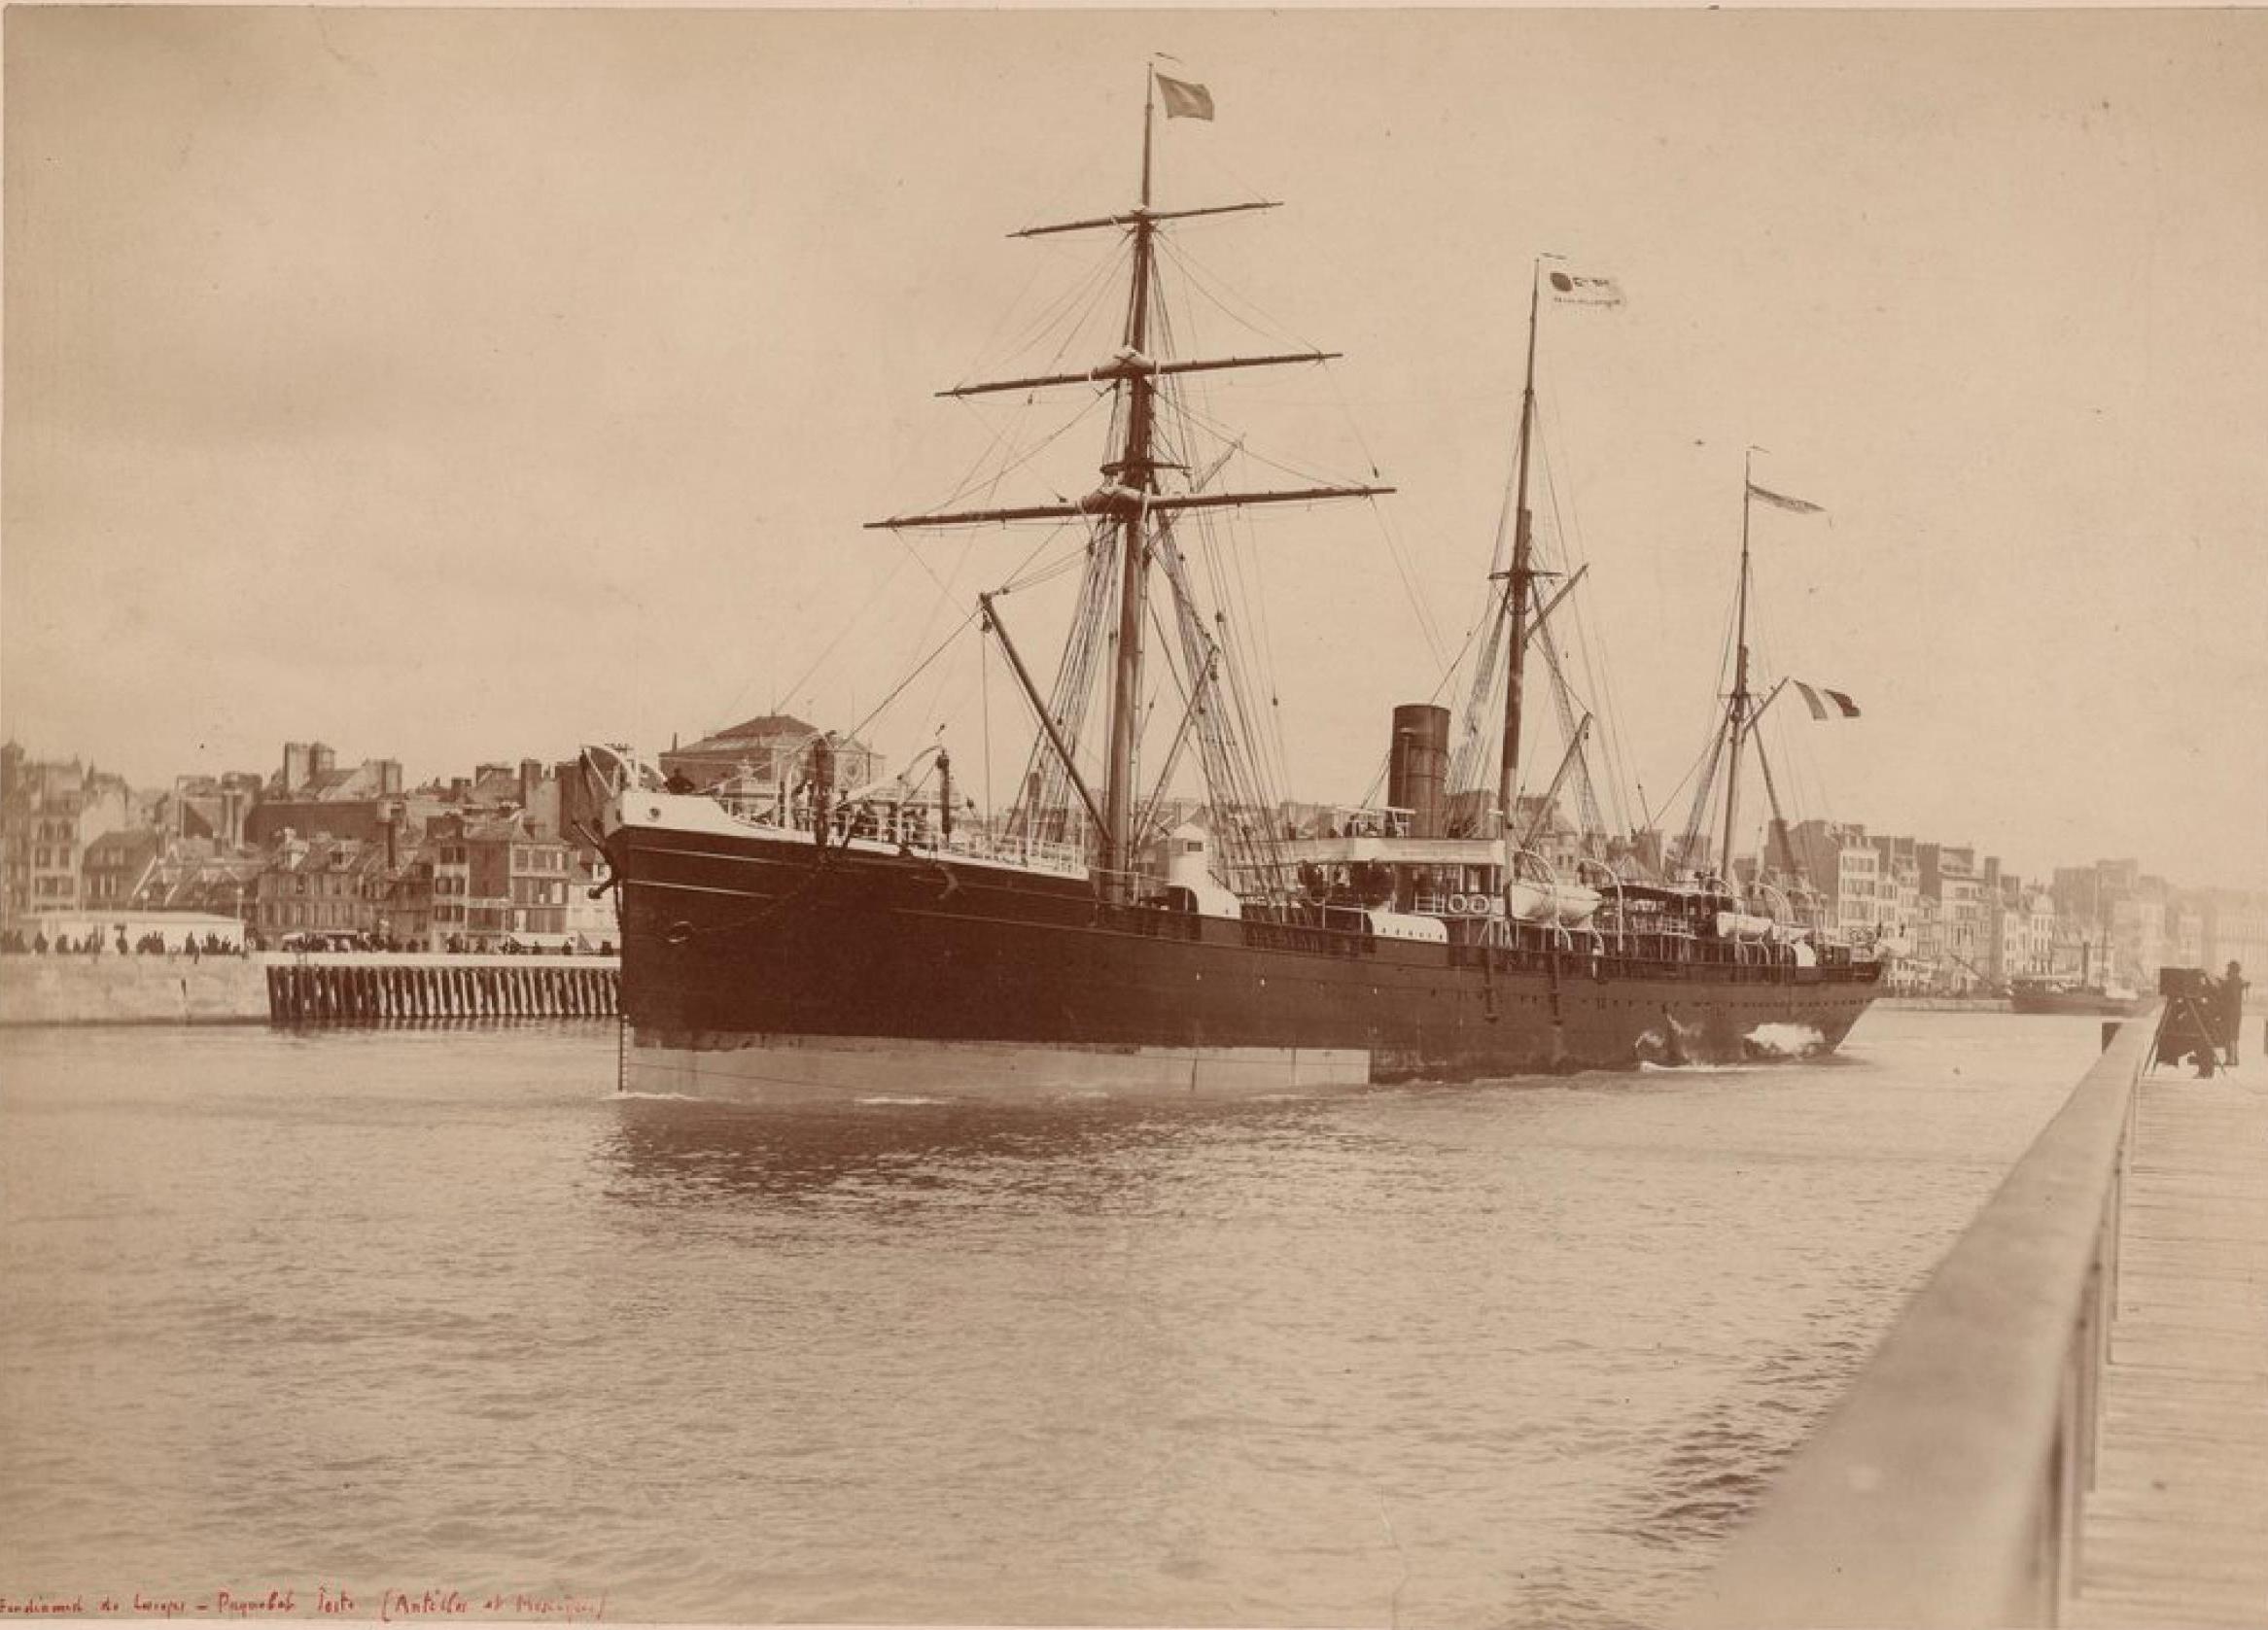 Трансатлантическая компания, Фердинанд-де-Лессепс (Гавр), Пассажирский корабль (Вест-Индия и Мексика)